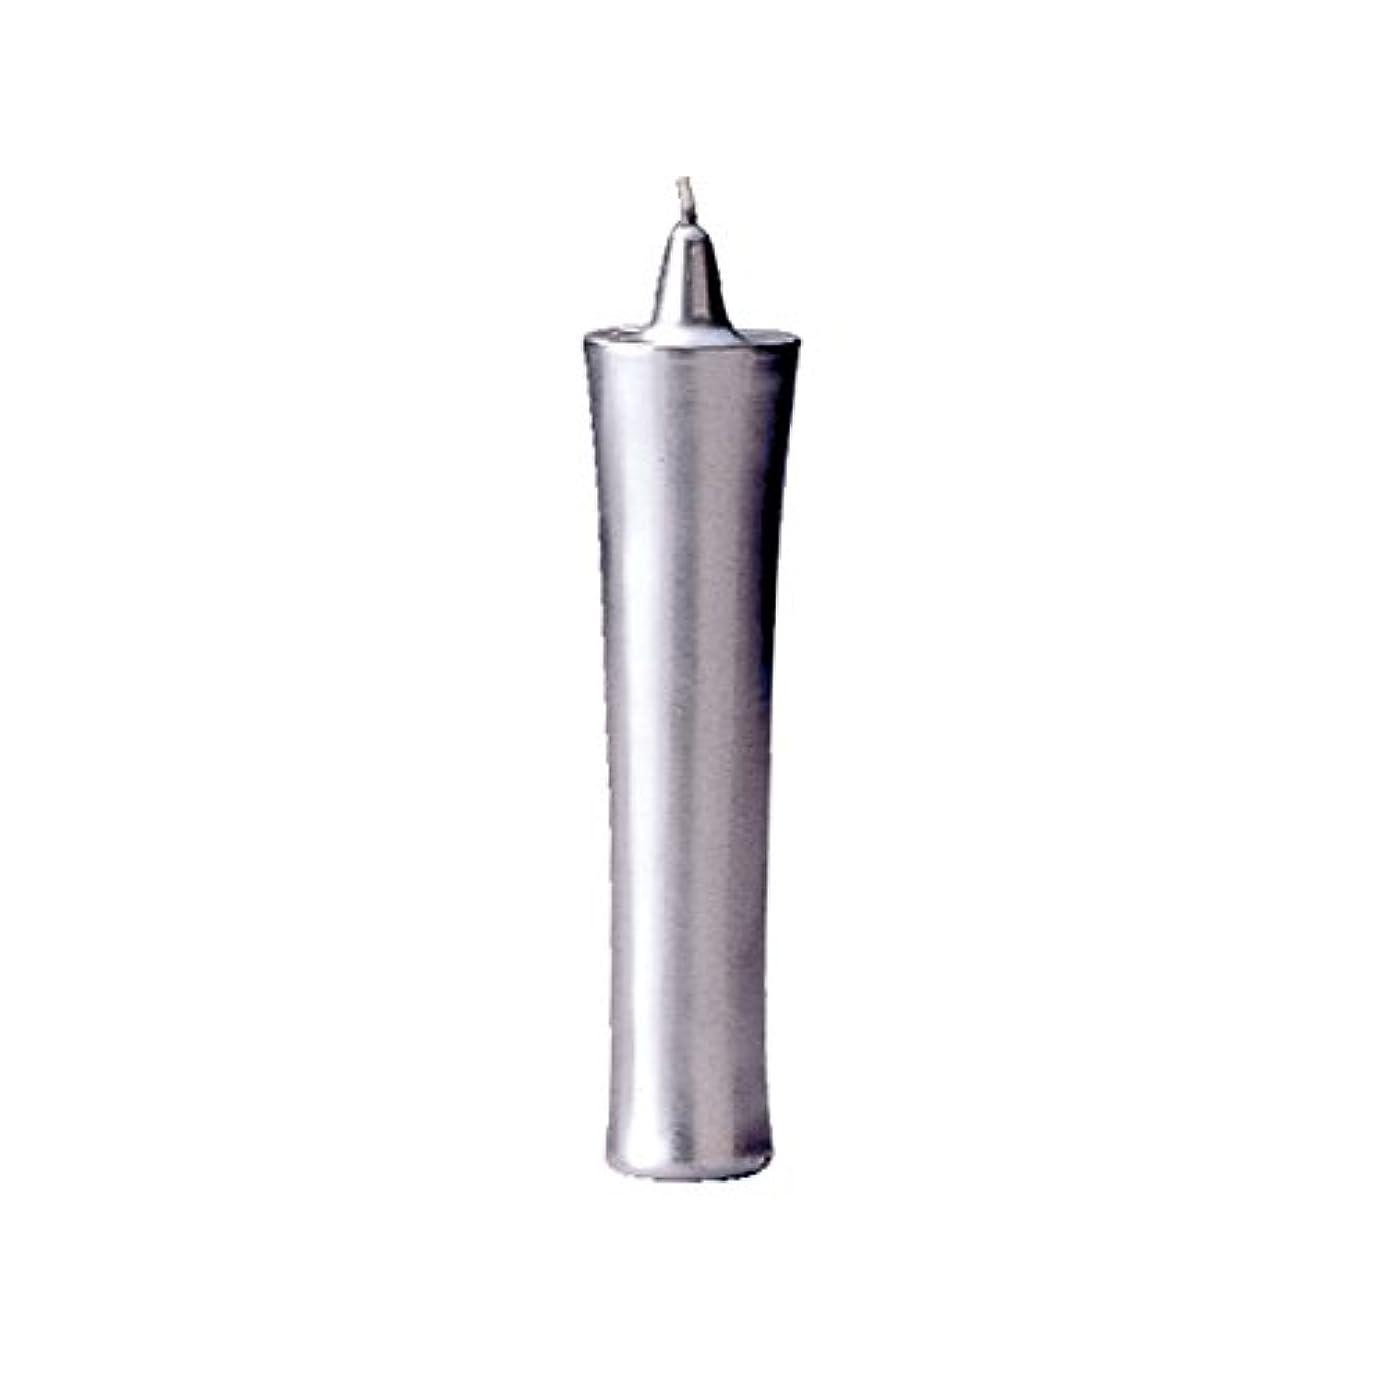 略語ワイプ圧力カメヤマ 和ロー型(C)銀 22cm (1セット)